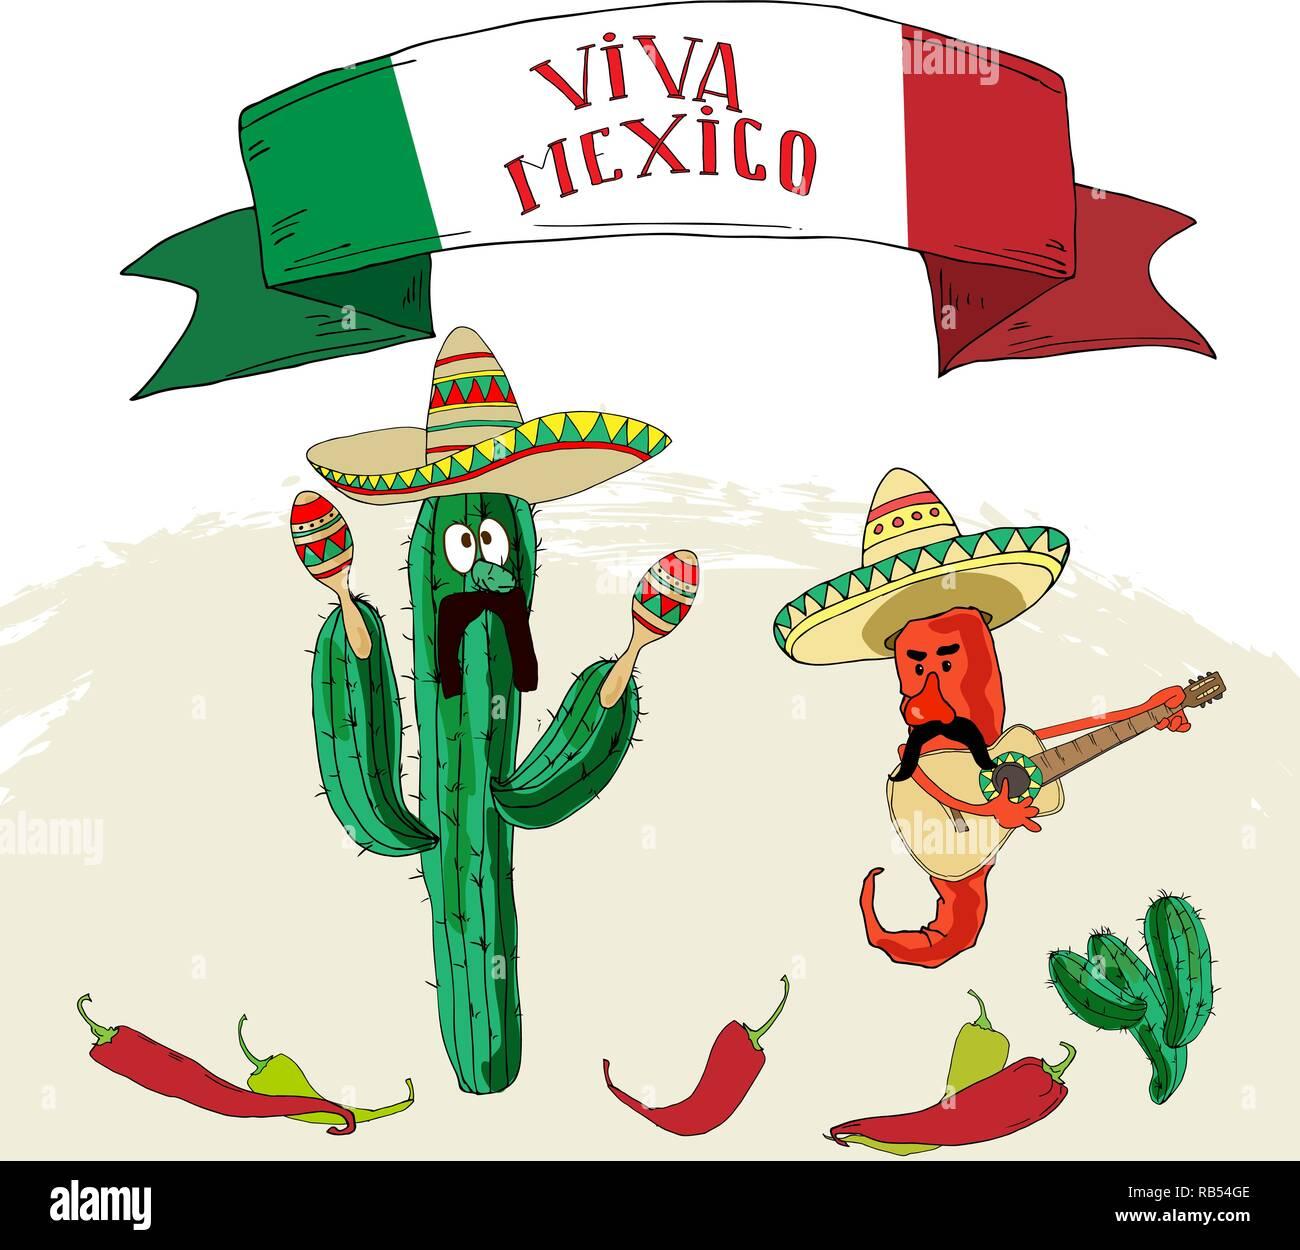 Sombrero Y Guitarra Viva Mexico Fiestas Patrias - ViewLetter.CO fc1cd34e0c1